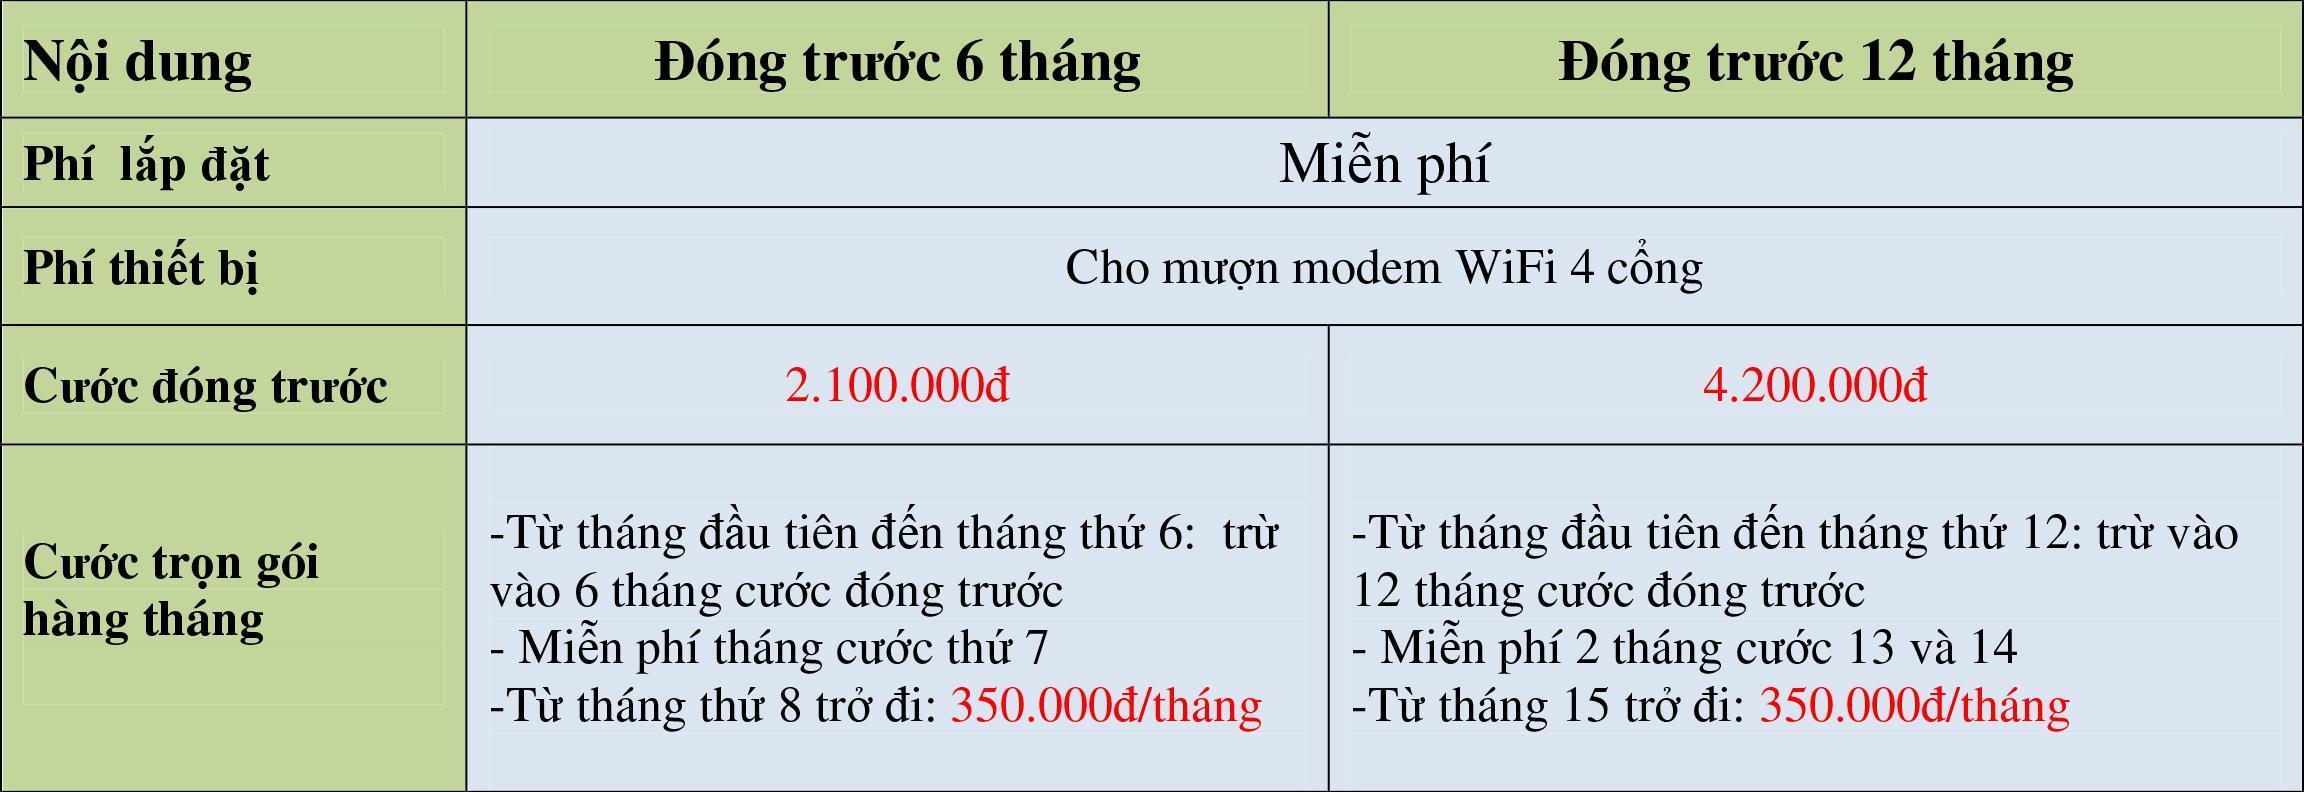 cua-hang-lap-internet-viettel